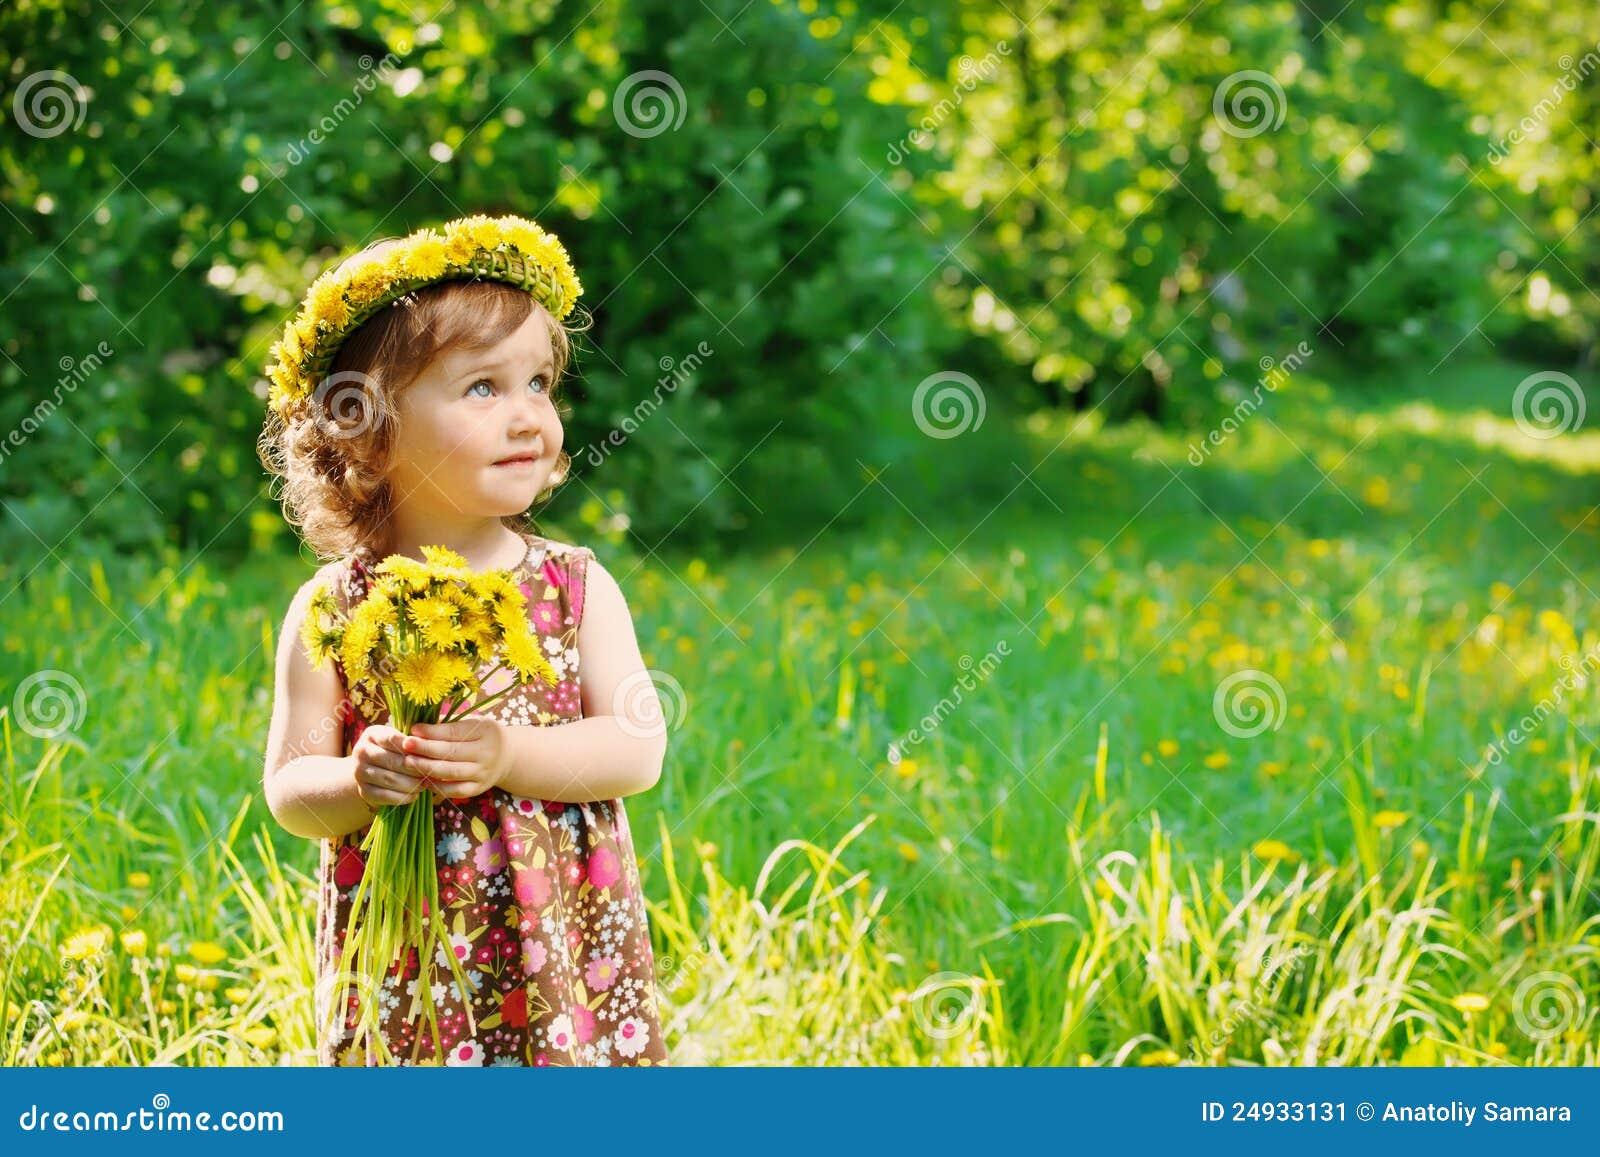 Mädchen mit Blumenhauptwreath